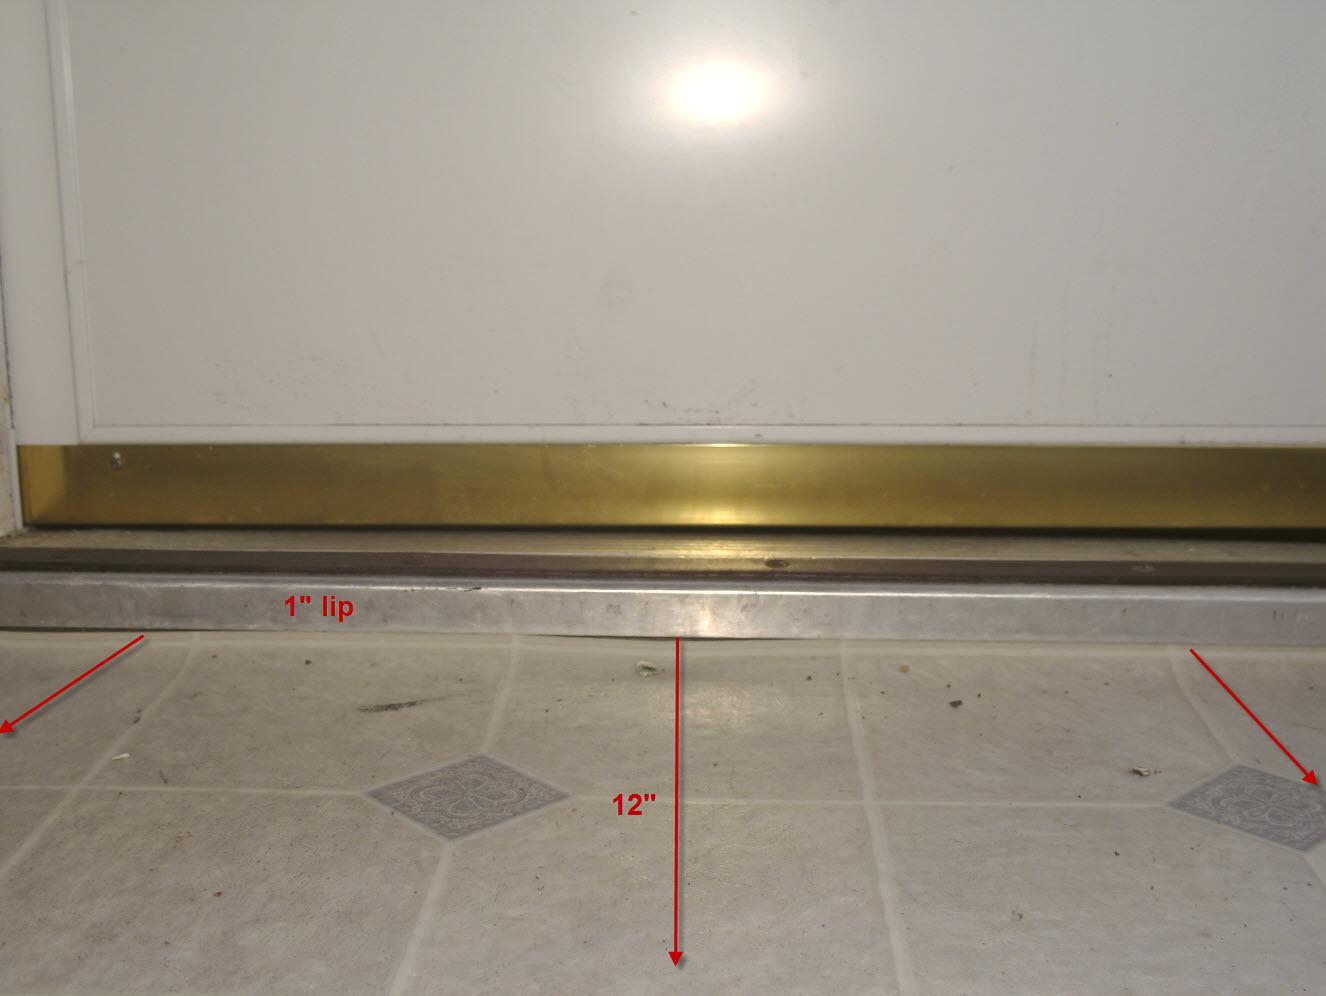 Best Product To Quot Ramp Quot Floor Under Vinyl Sheet Flooring Flooring Contractor Talk